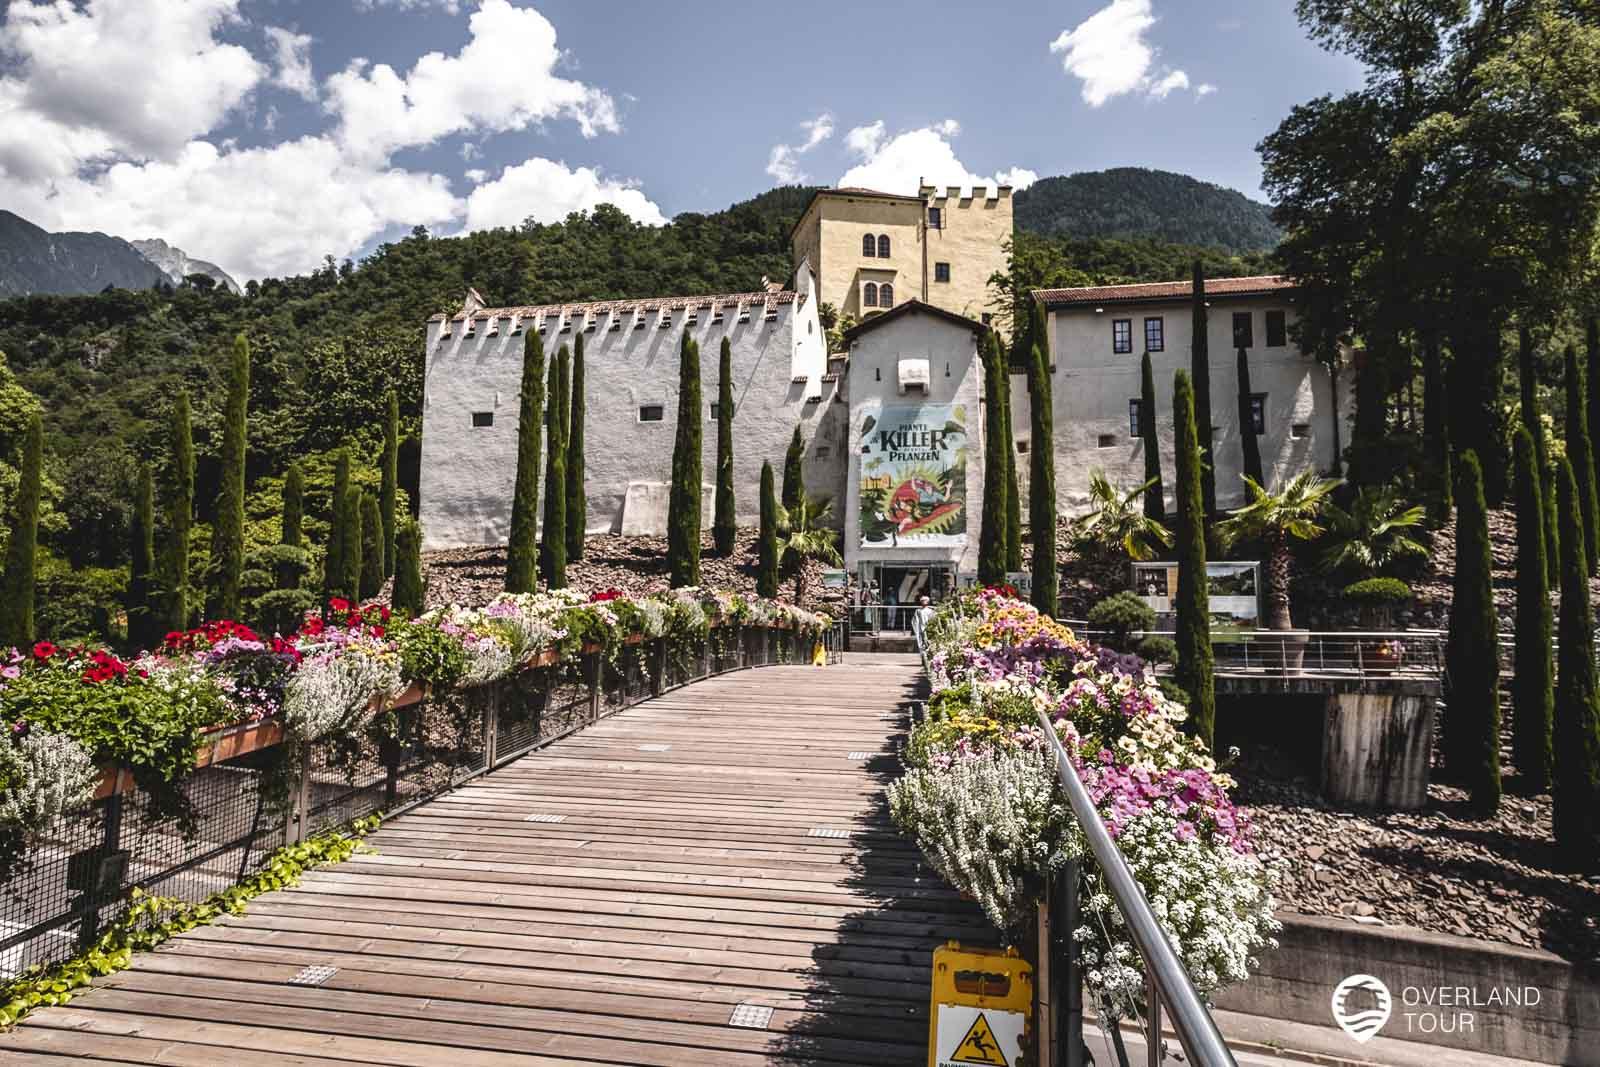 Die botanischen Gärten von Schloss Trauttmansdorff